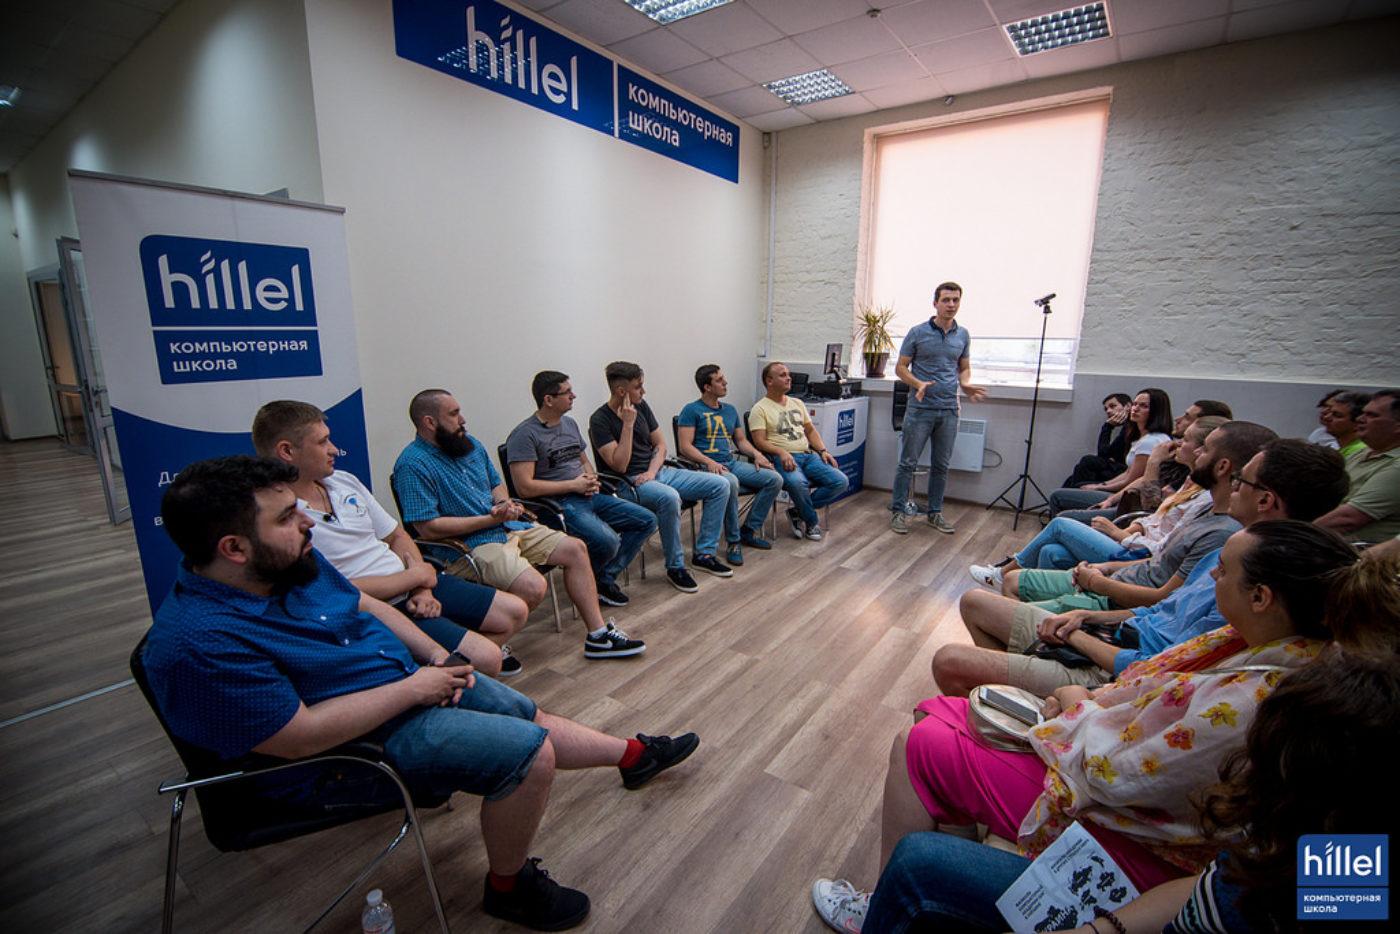 События: Встреча «Моя первая работа в IT» в Киеве